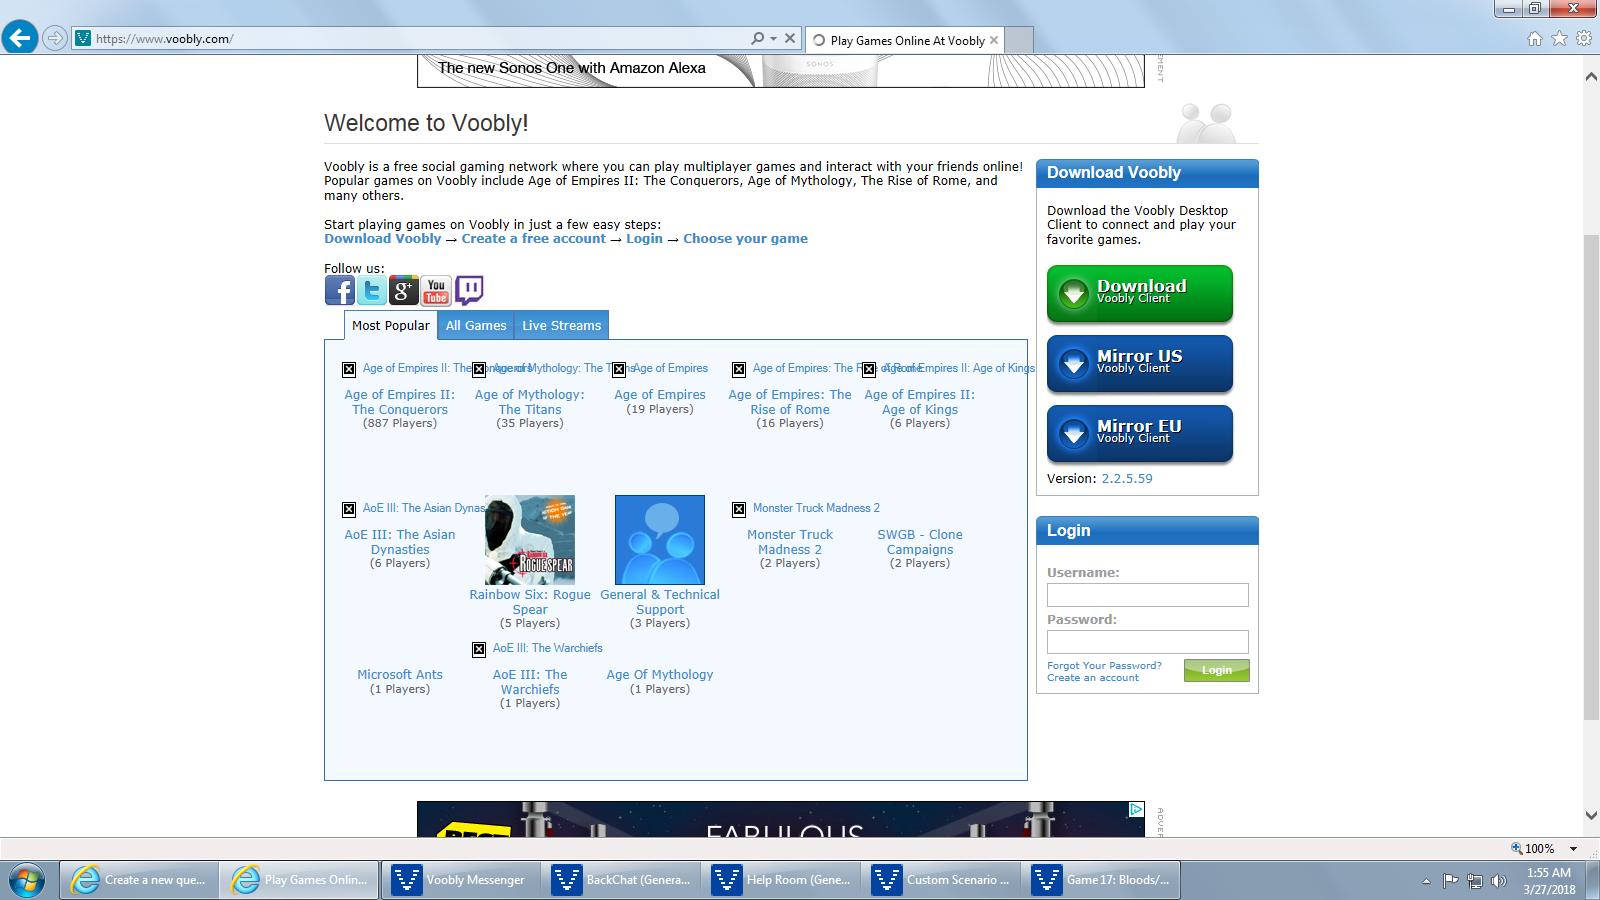 real downloader not working internet explorer 11